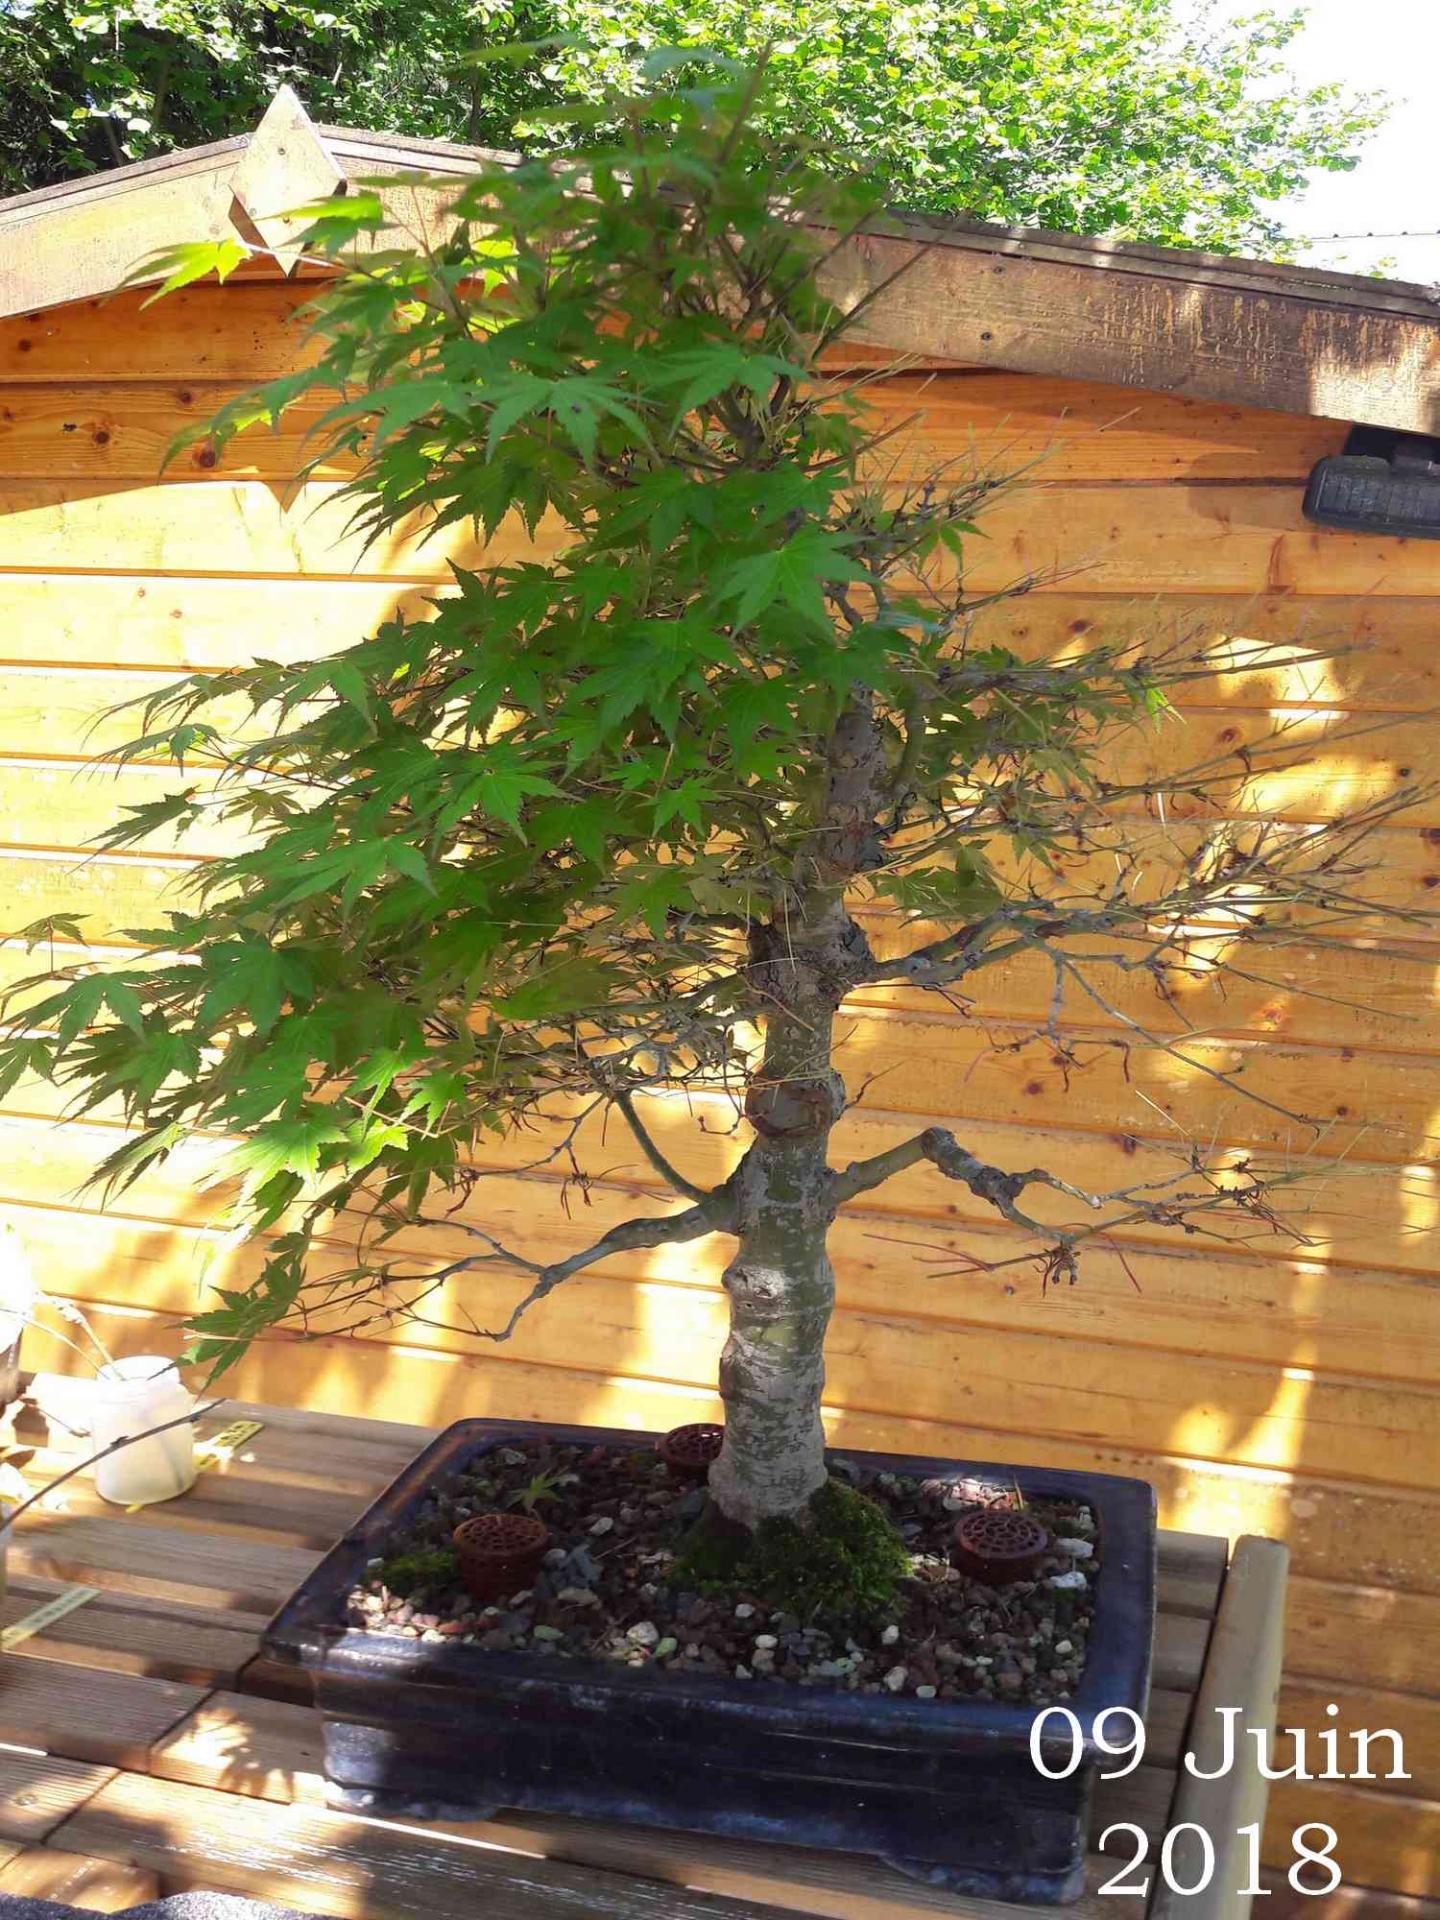 Acer palmatum 8 - 2018 06 09 - défoliation en cours